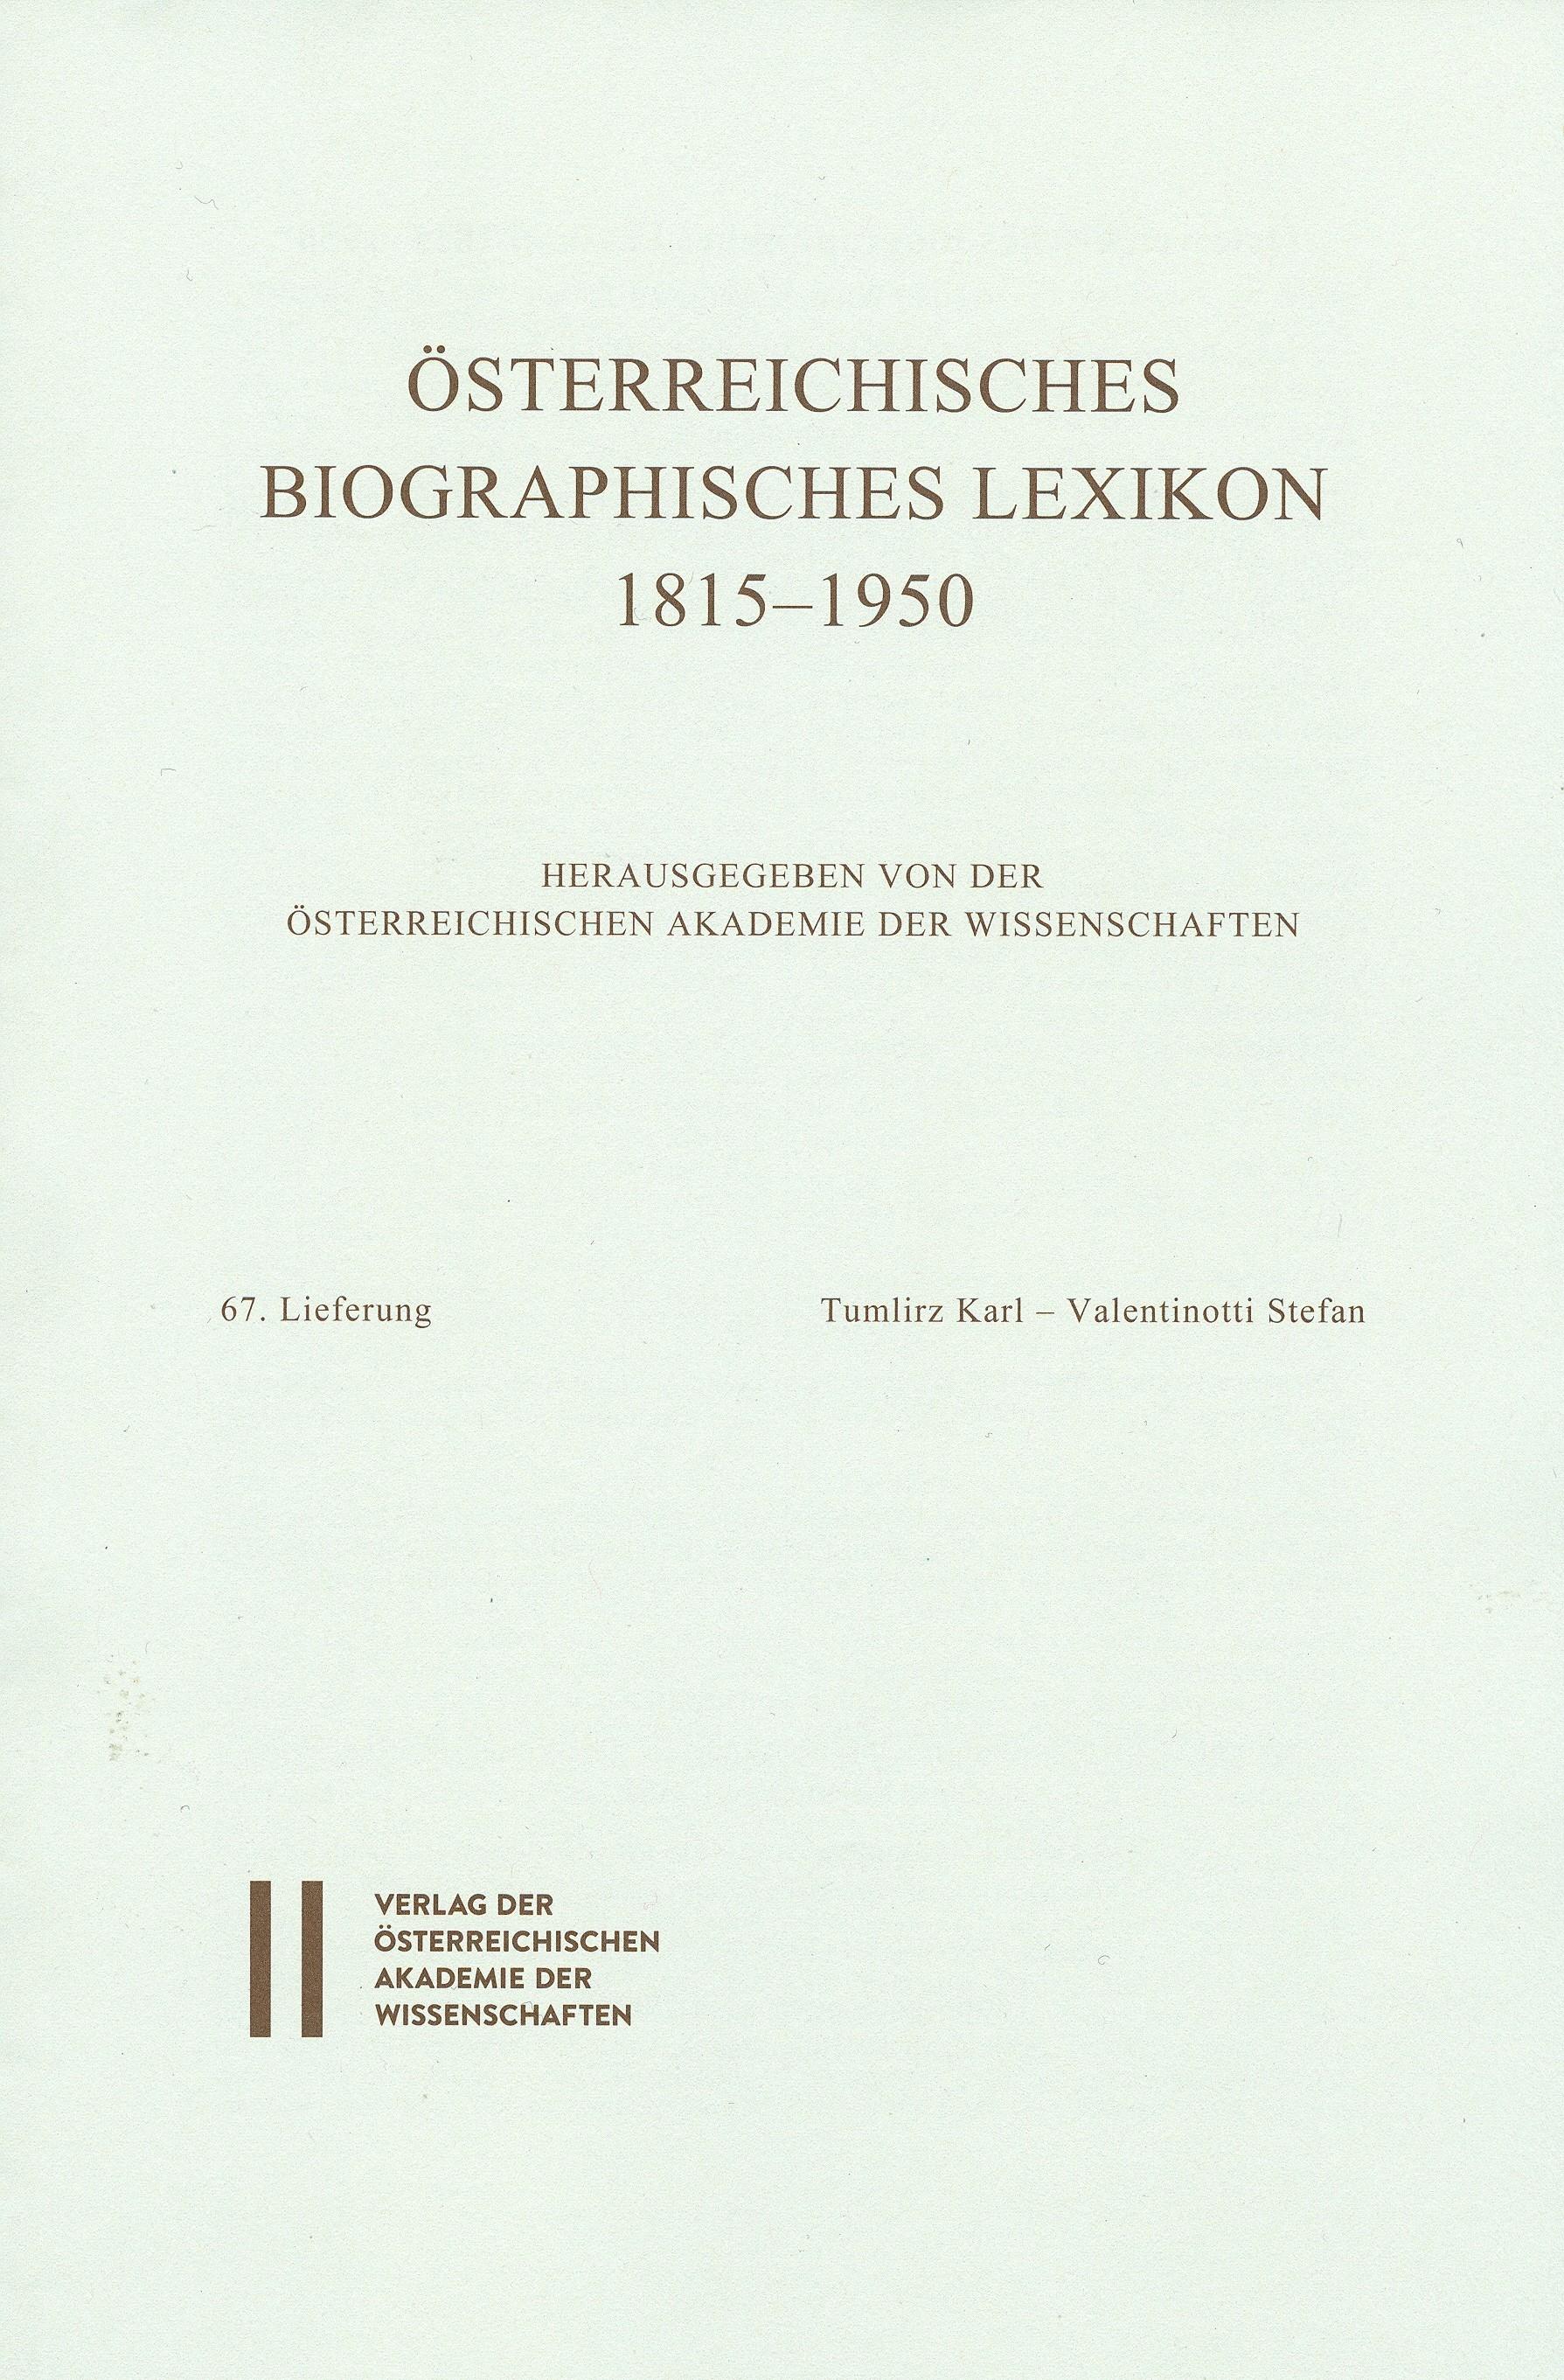 Österreichisches Biographisches Lexikon 1815-1950 / Österreichisches Biographisches Lexikon 1815-1950 Lieferung 67, 2016 | Buch (Cover)